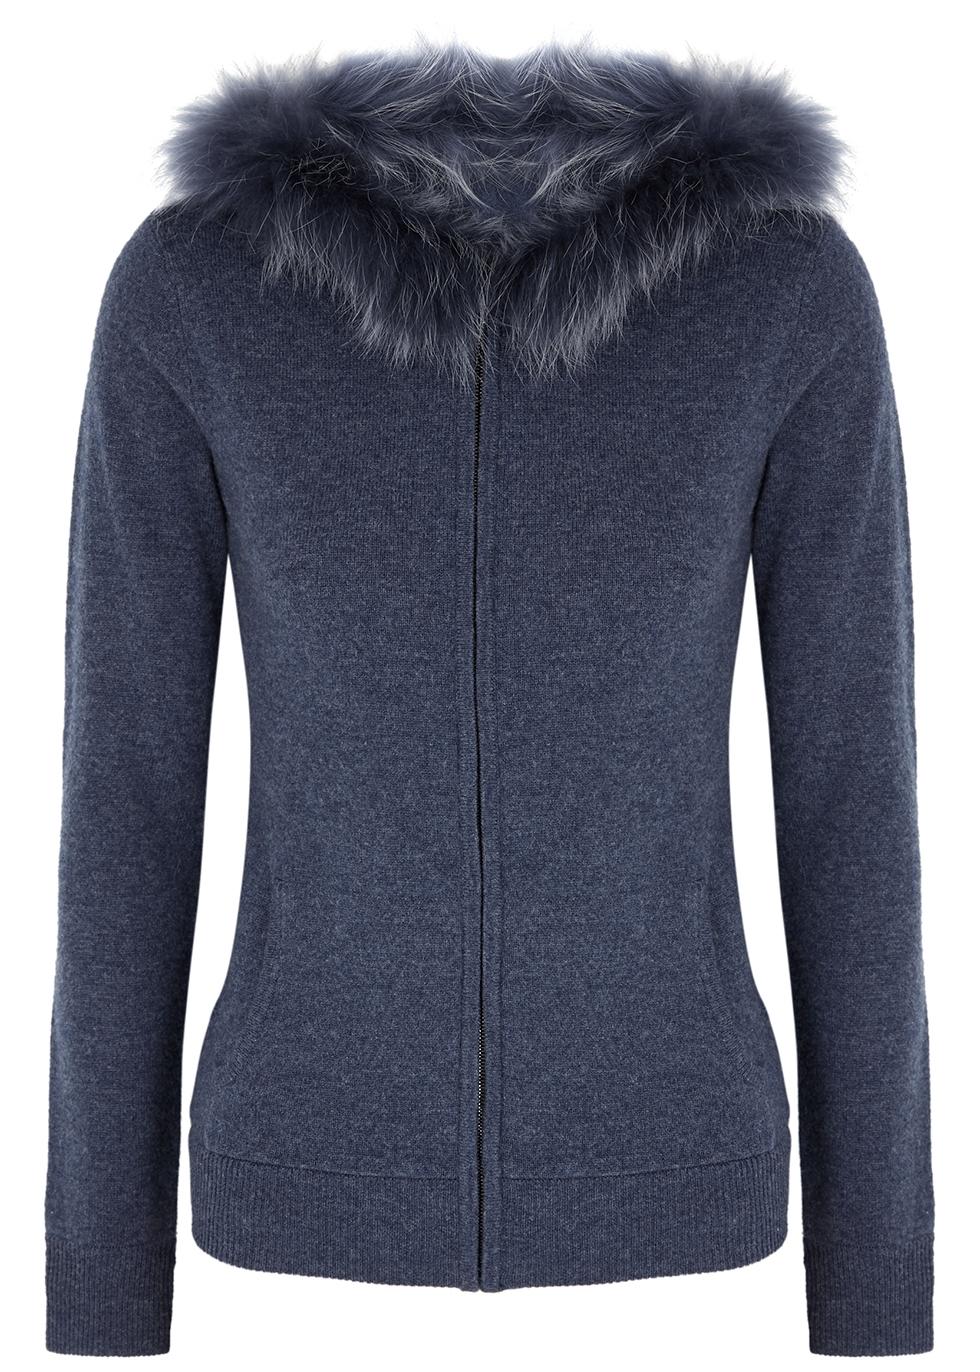 Navy fur-trimmed hooded wool-blend jumper